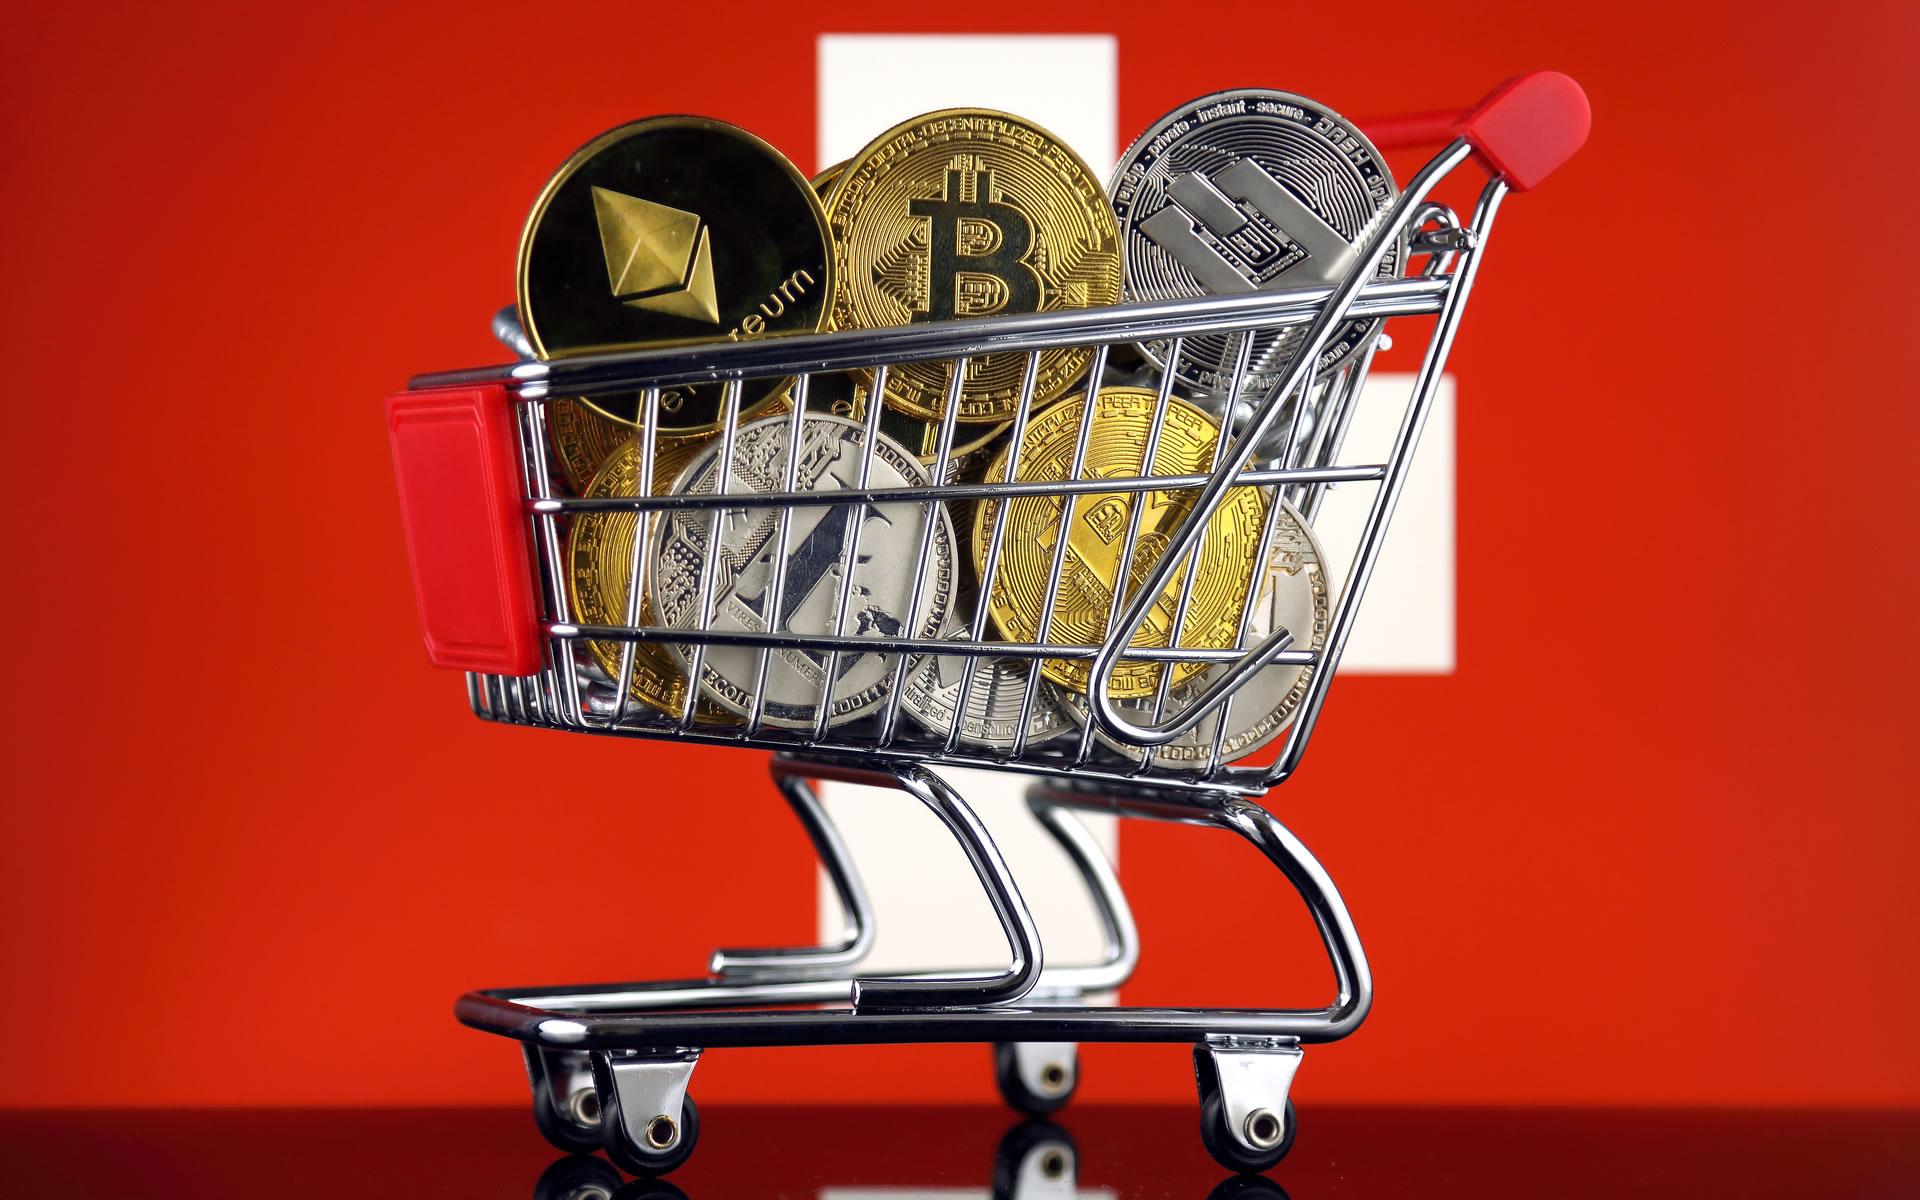 Bitcoin Suisse y Worldline se asocian para extender pagos criptográficos en Suiza